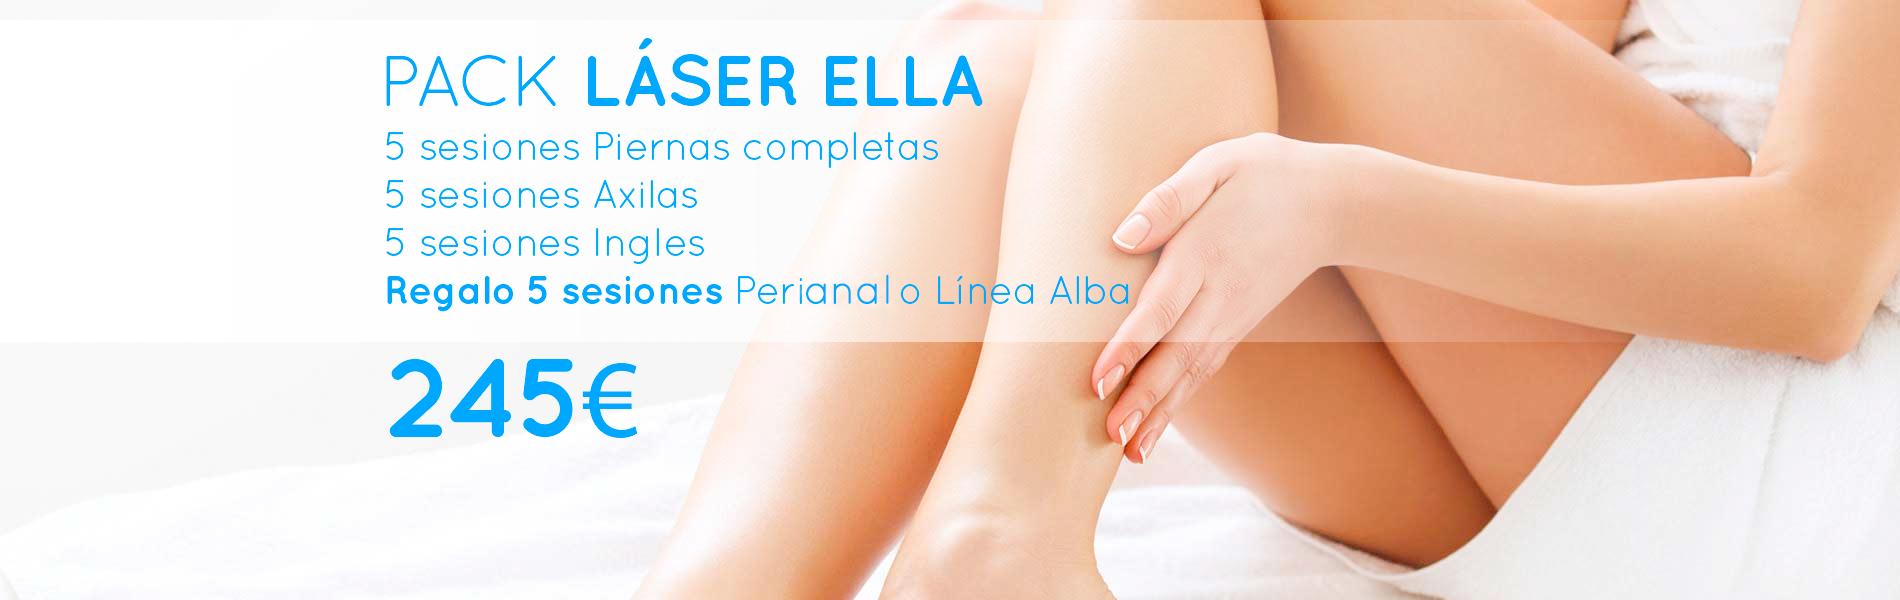 laserella